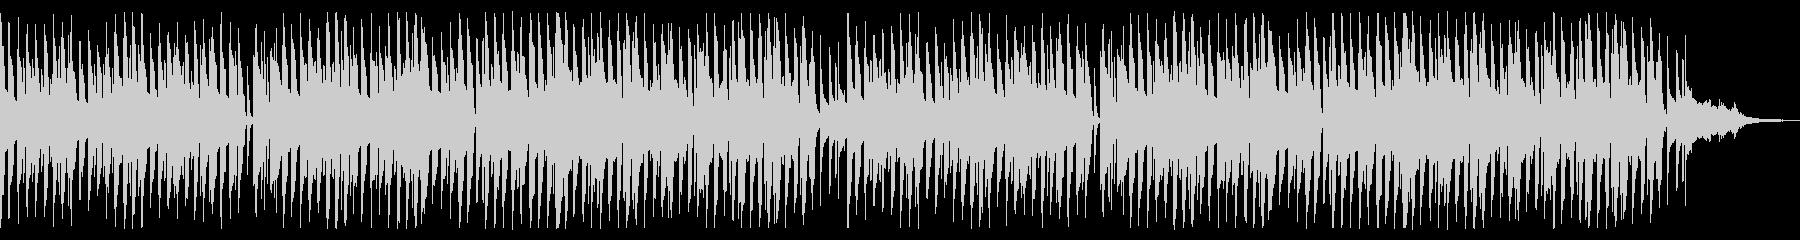 YouTubeに 弾むような可愛いBGMの未再生の波形